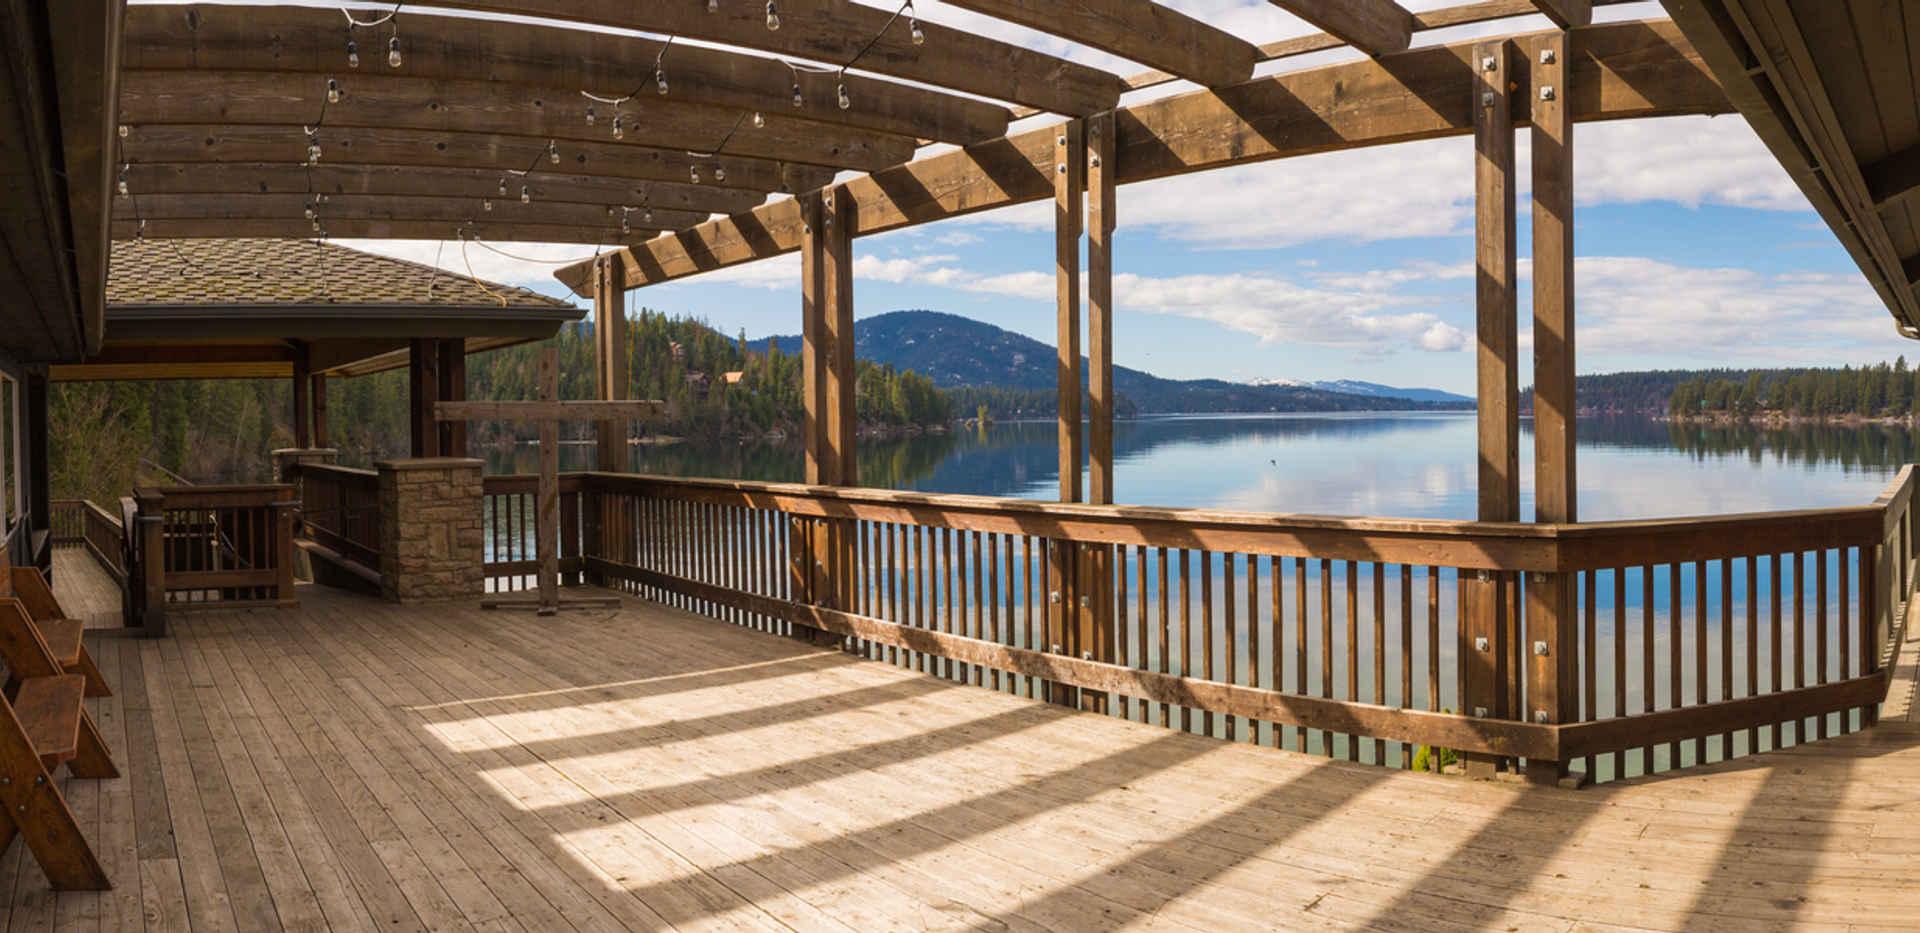 Cafeteria Patio Panorama